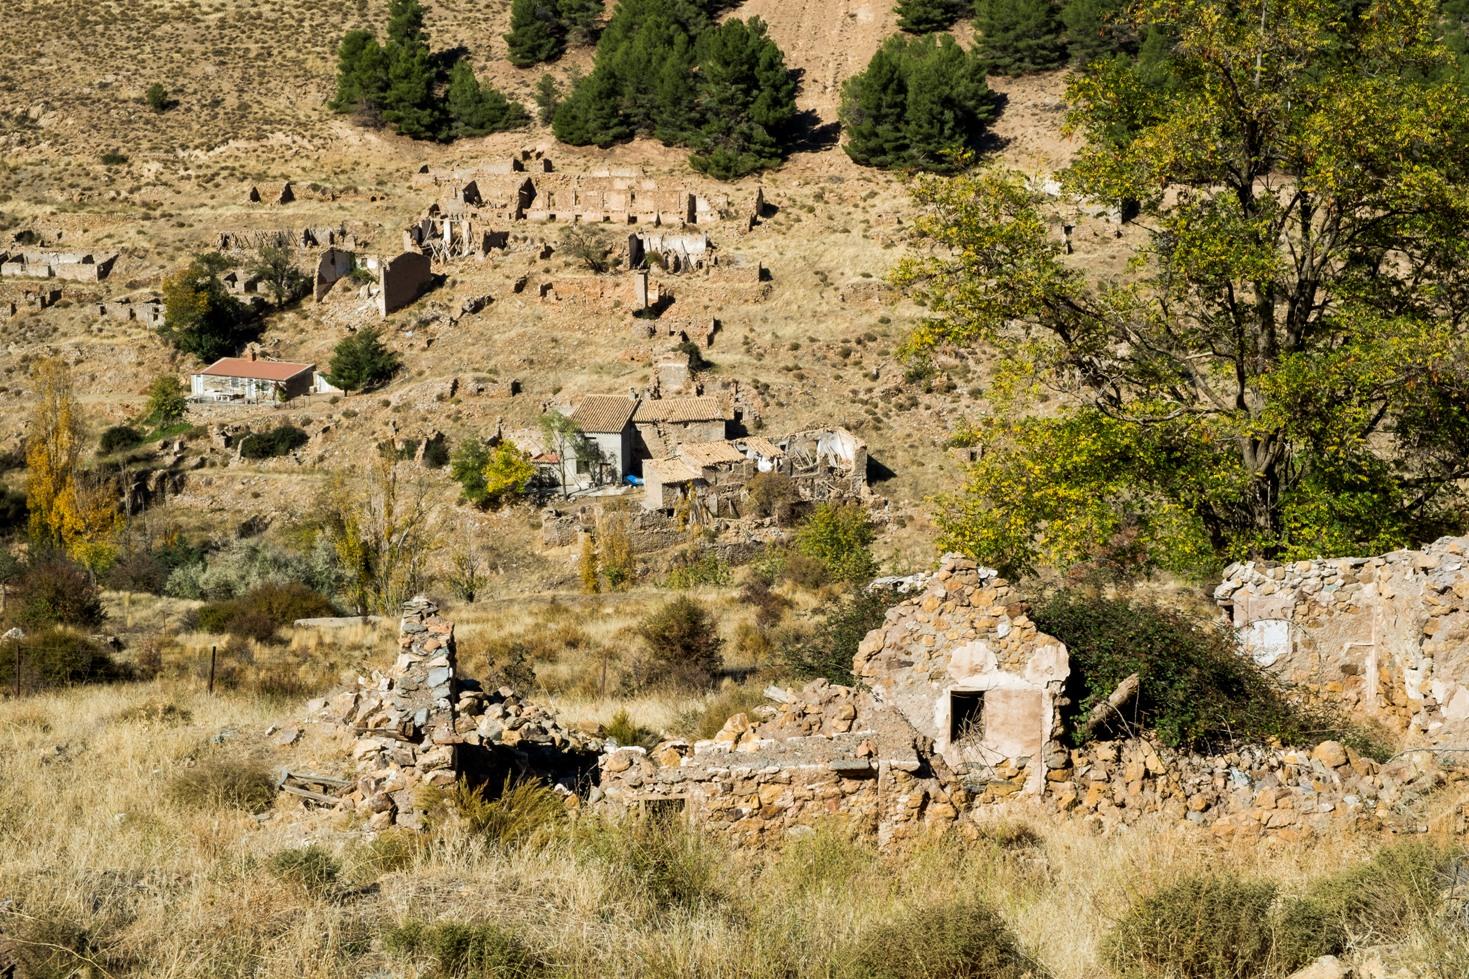 Ruinas del barrio obrero del poblado minero de Las Menas en Serón © Fotografía: Paco Bonilla